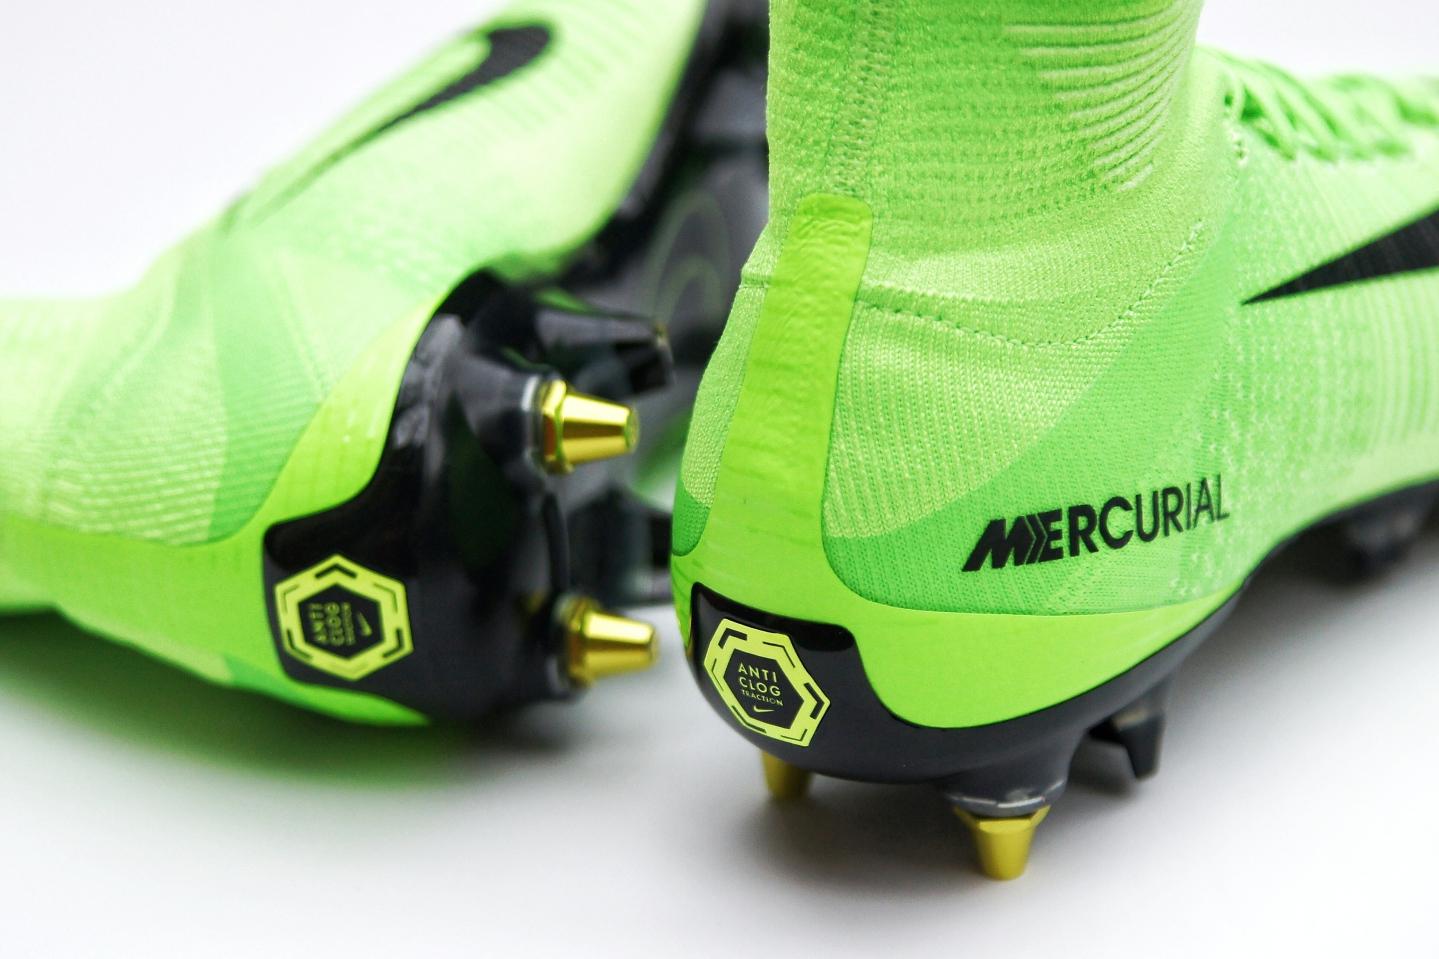 Kopačky Nike s technologií Anti clog traction